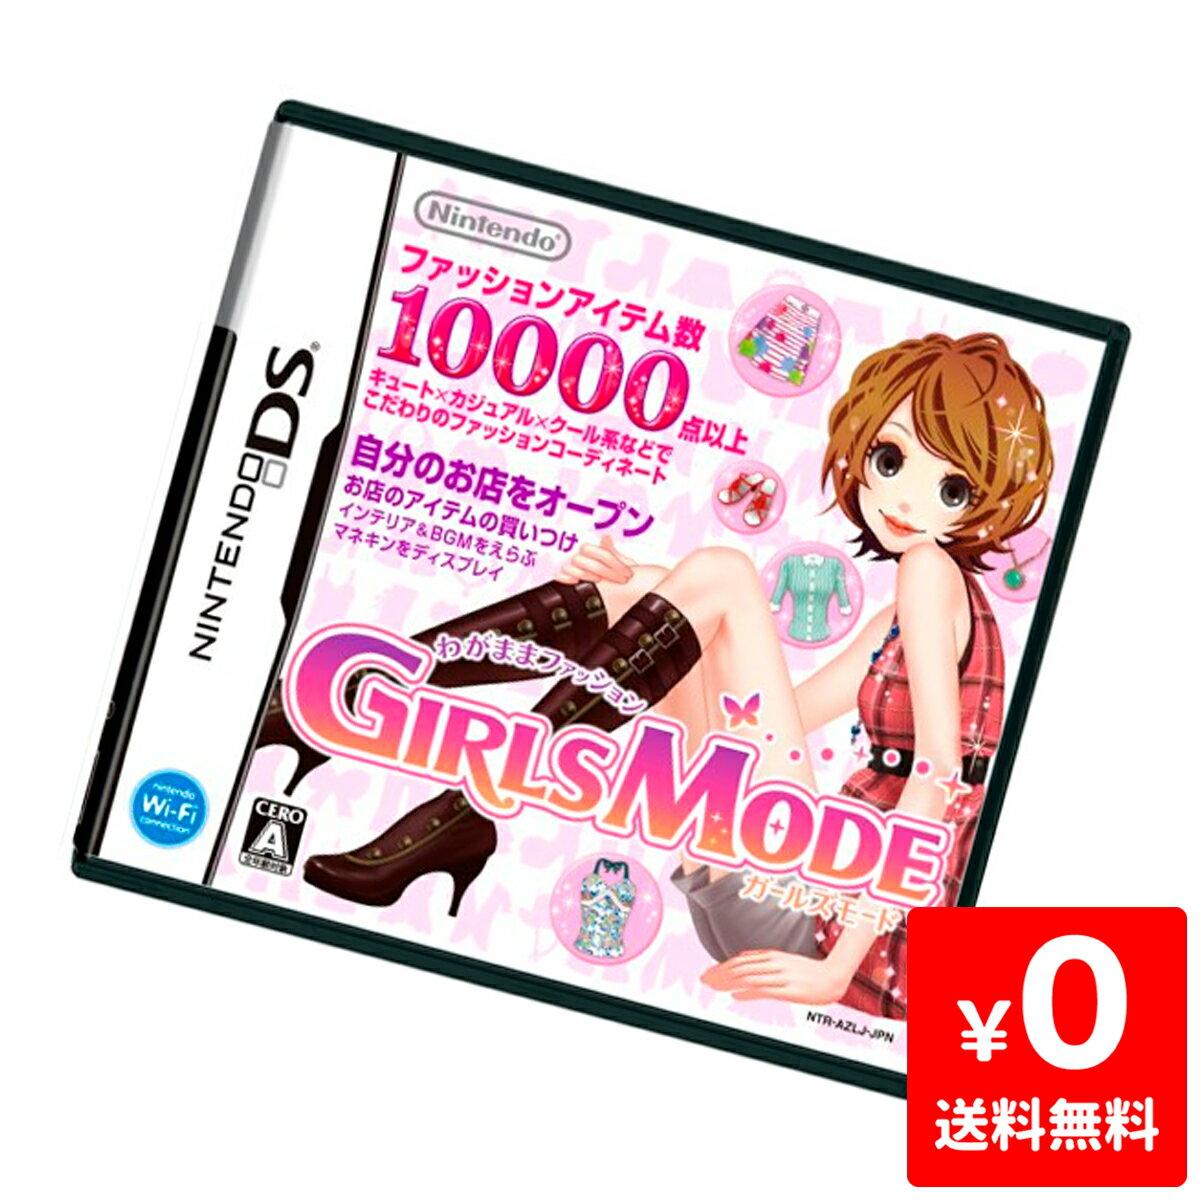 DS わがままファッション ガールズモード ソフト ニンテンドー 任天堂 NINTENDO 【中古】 4902370517231